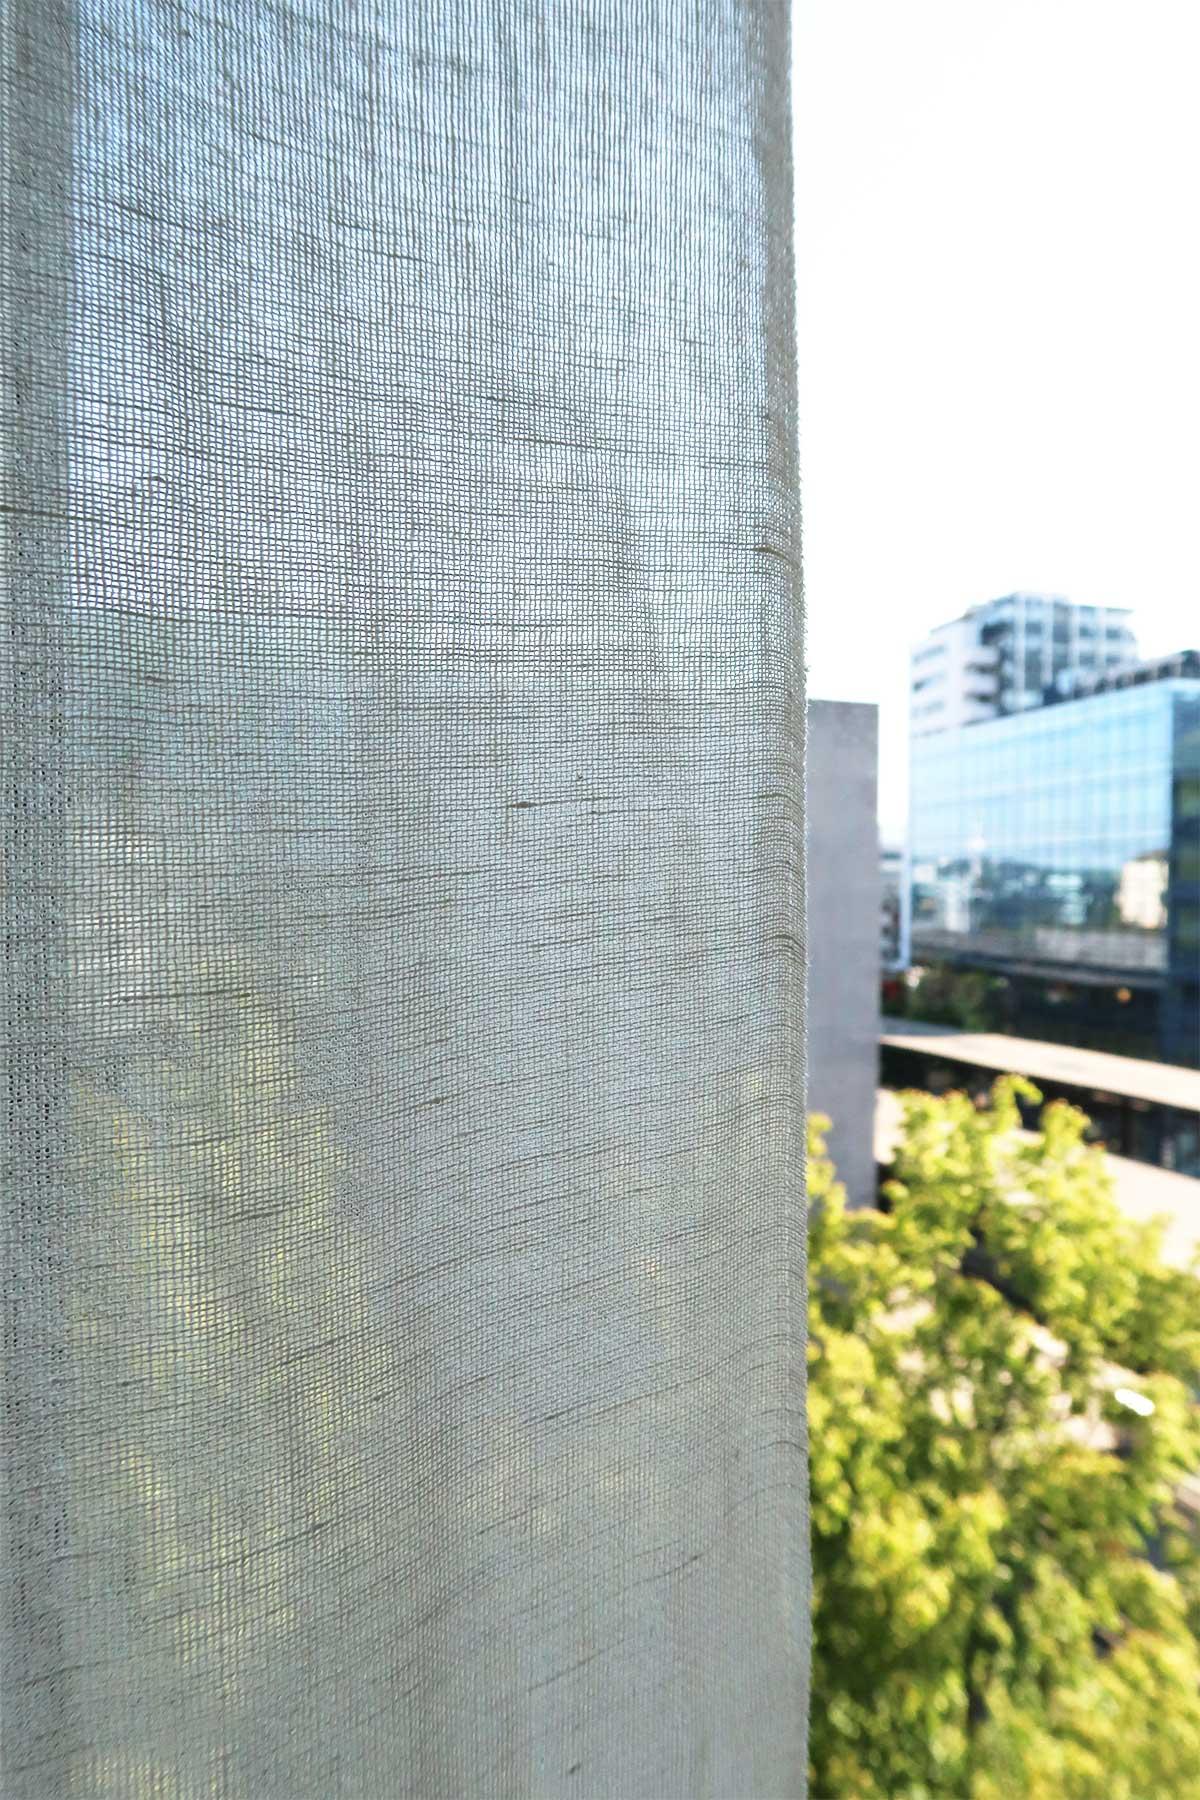 Full Size of Fenster Nach Maß Tagvorhang Tramontana Christian Fischbacher Leinen Optik Trocal Velux Kaufen Internorm Preise Trier Fototapete Schüco Online Auf Braun Fenster Fenster Nach Maß